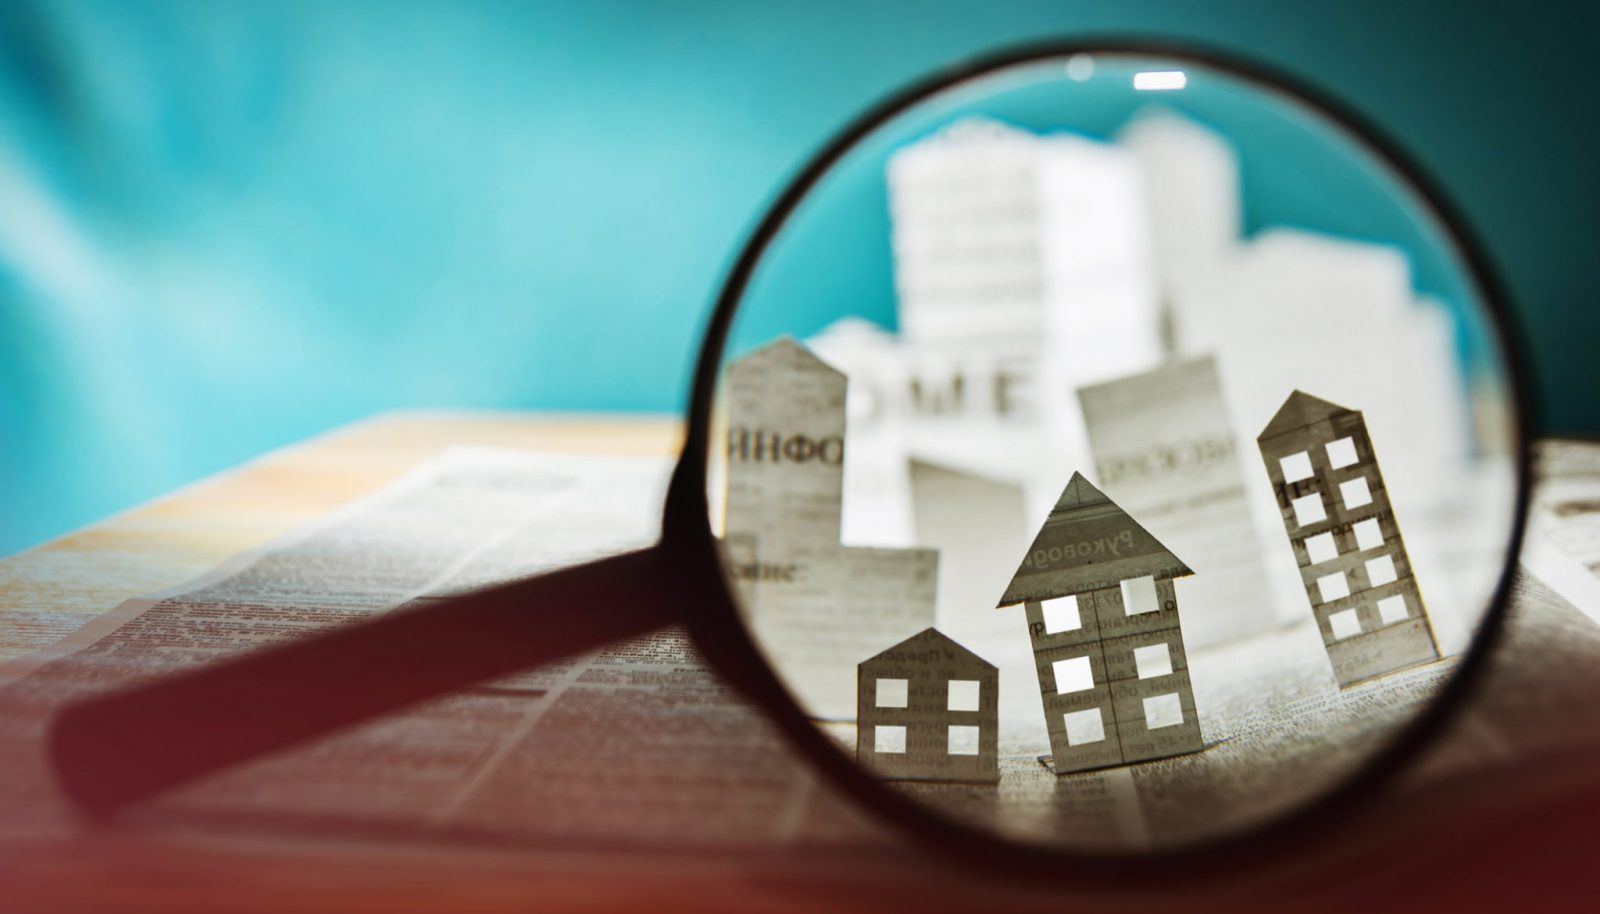 Faire les bons choix en investissant dans l'immobilier